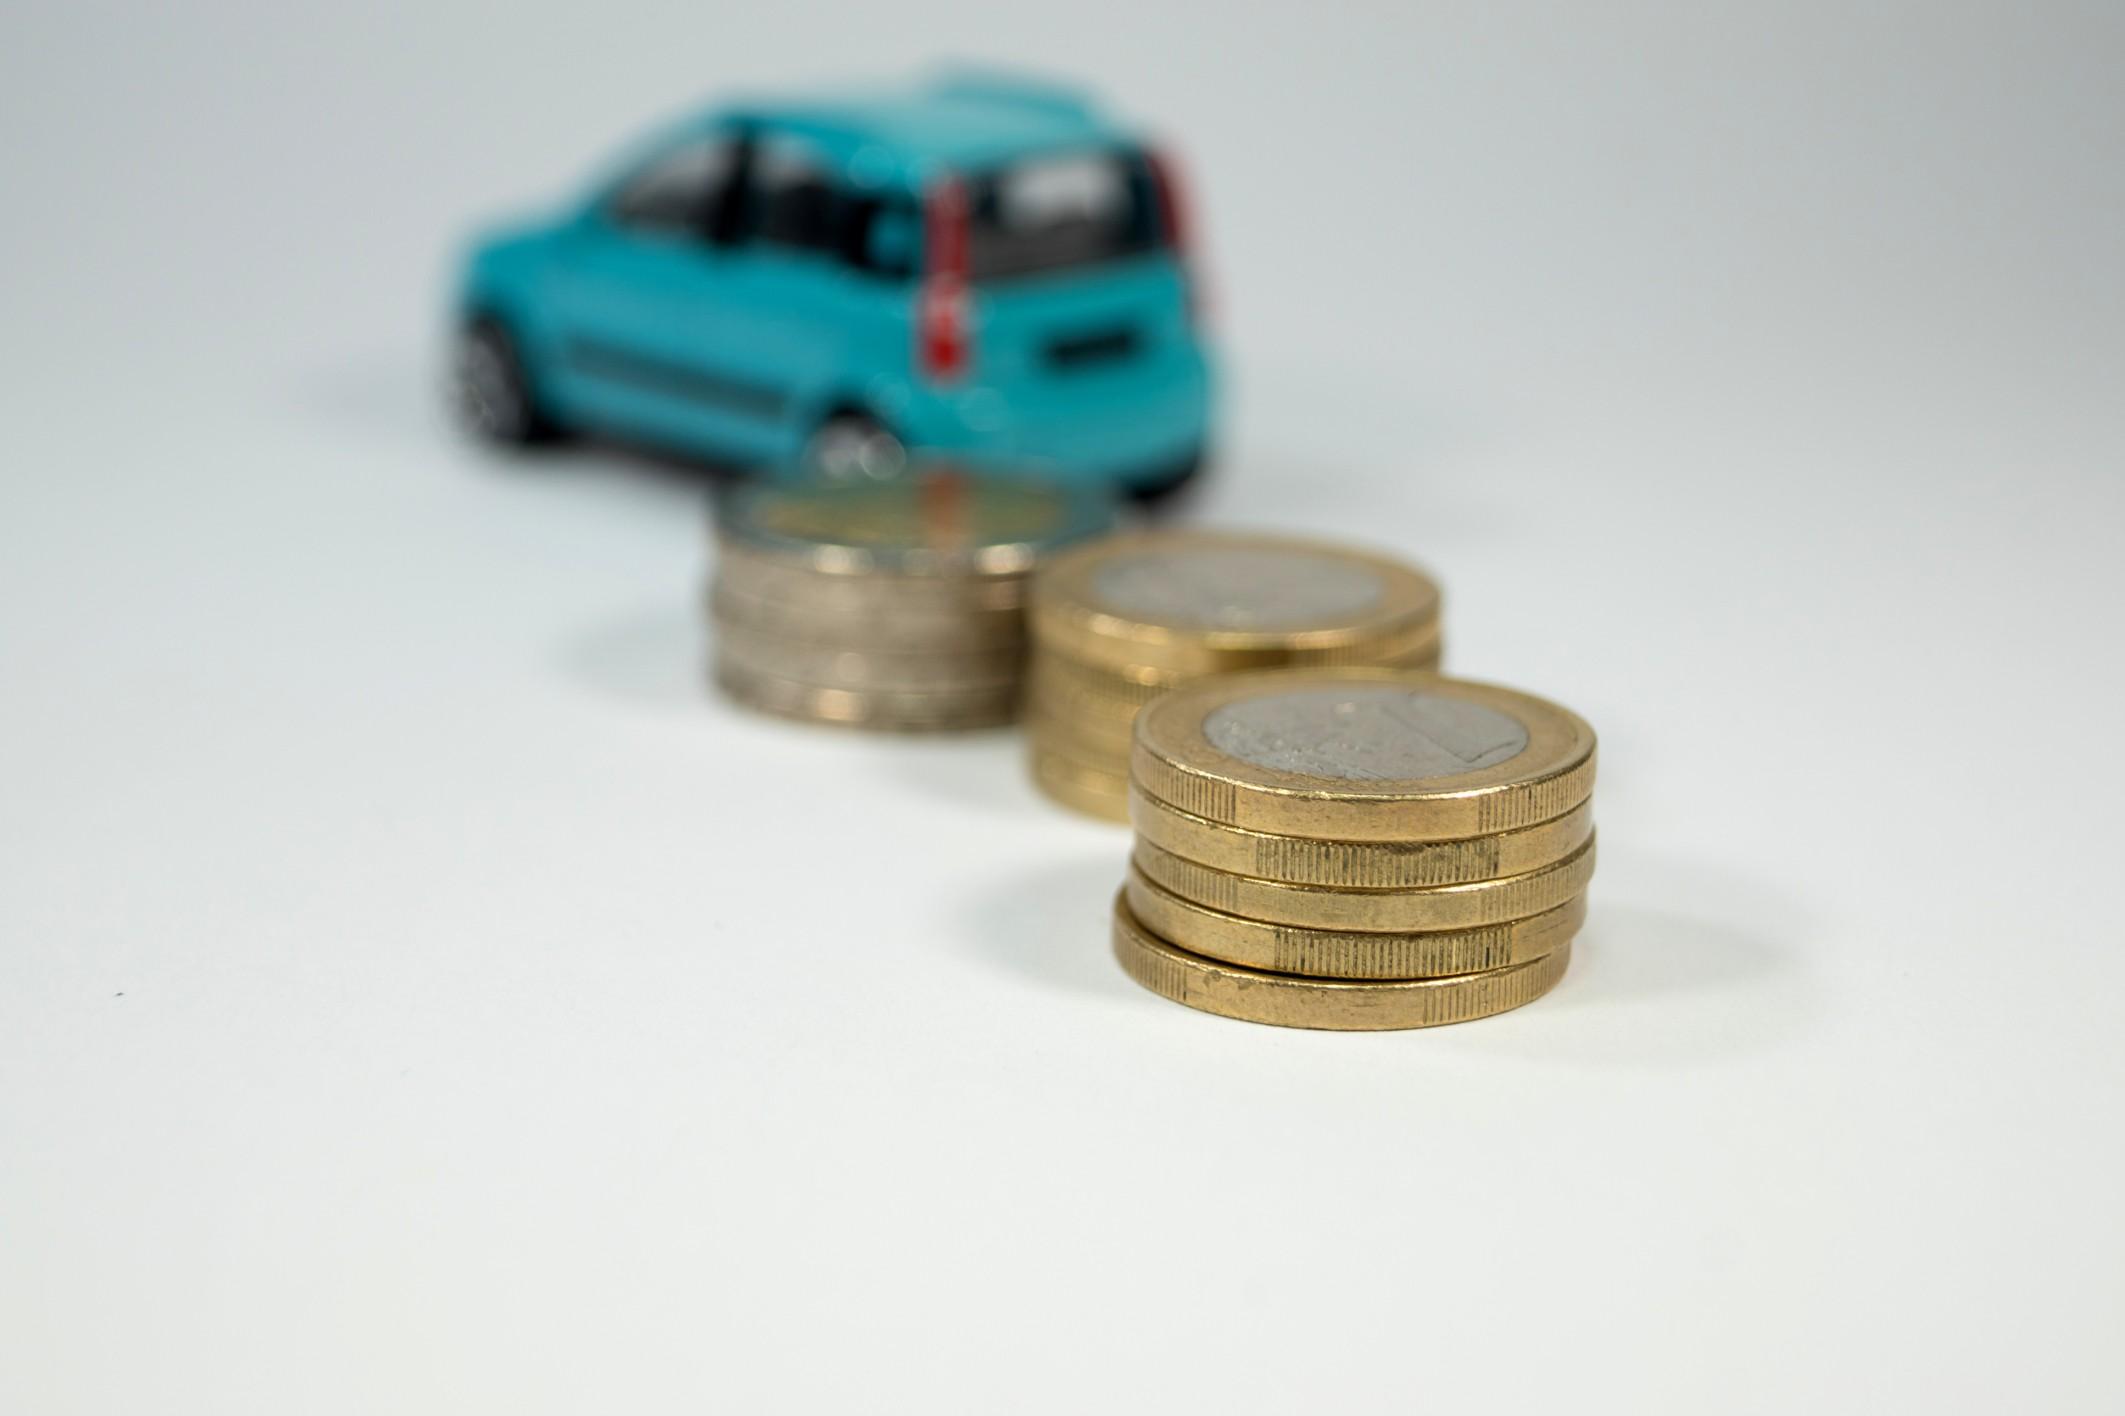 Carro usado: opção na crise (Foto: Stadtratte - Thinkstock)